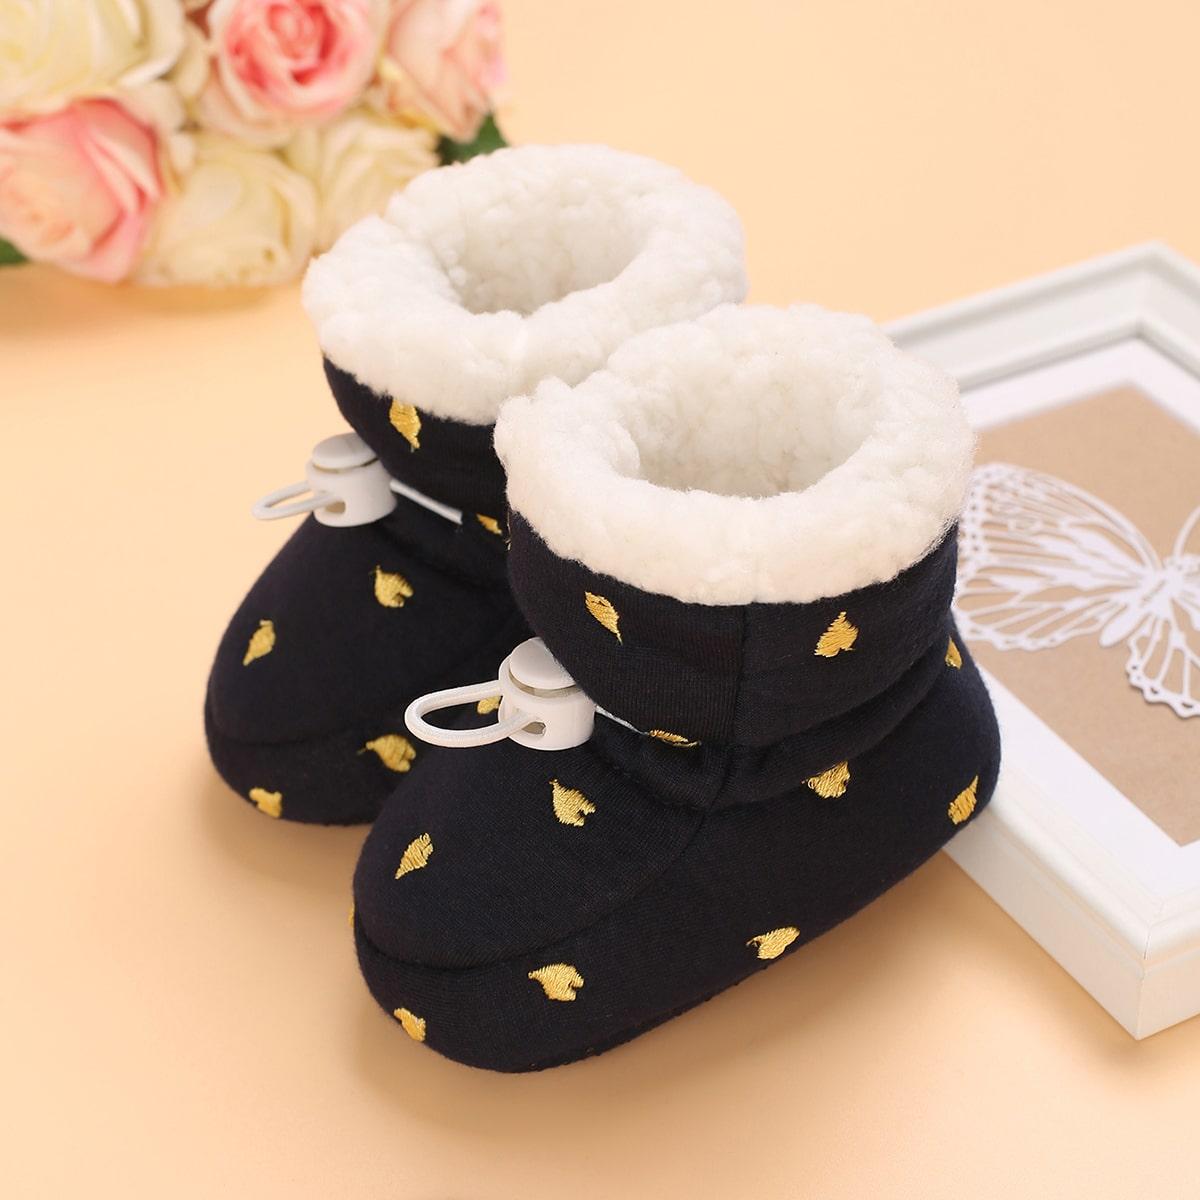 Зимние сапоги с вышивкой сердечка для детей